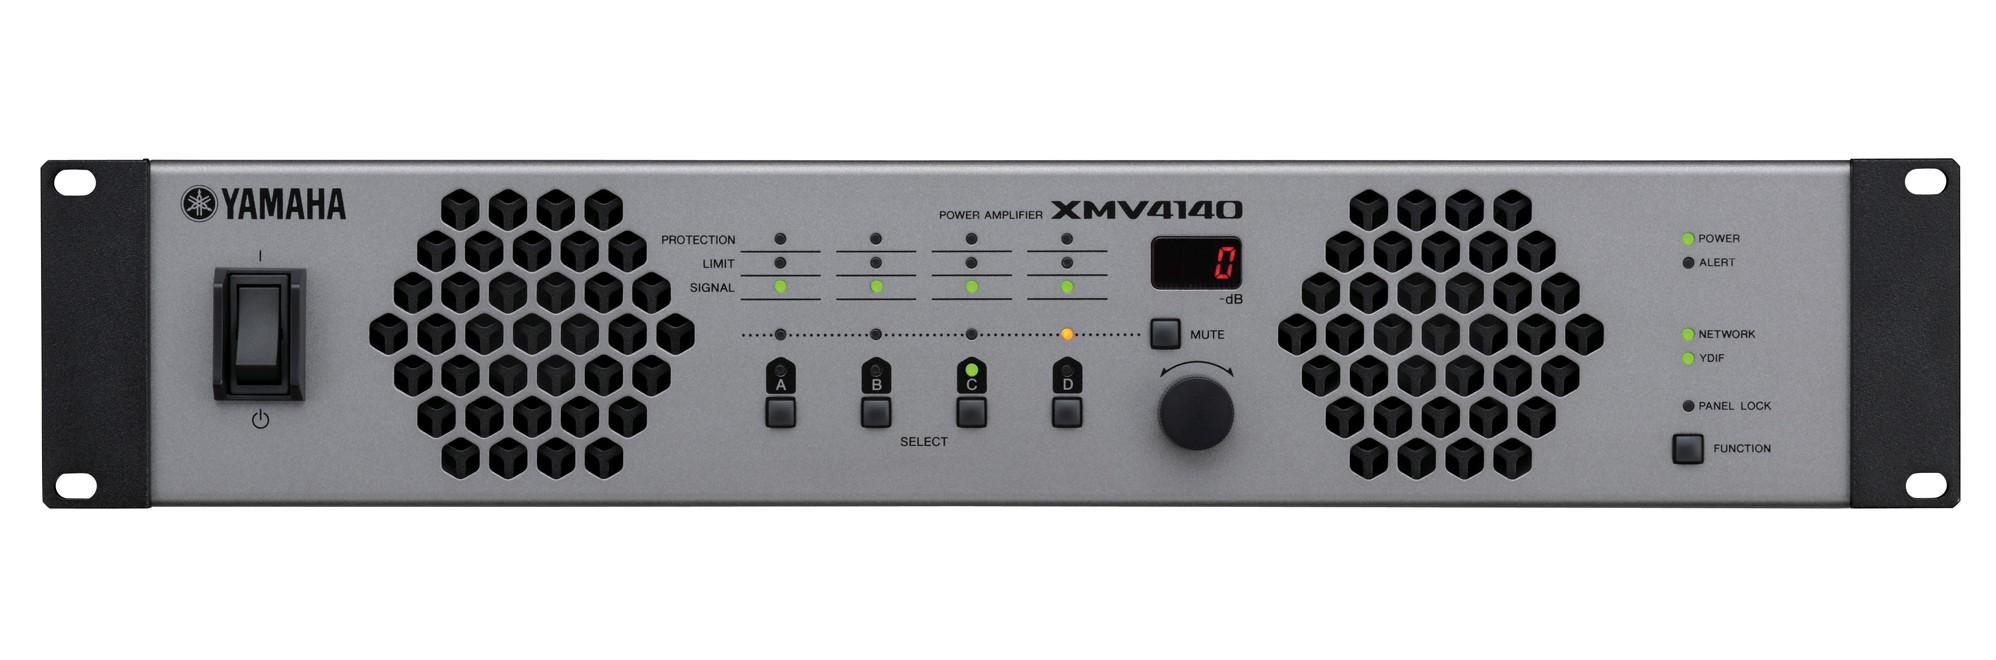 Yamaha XMV4140